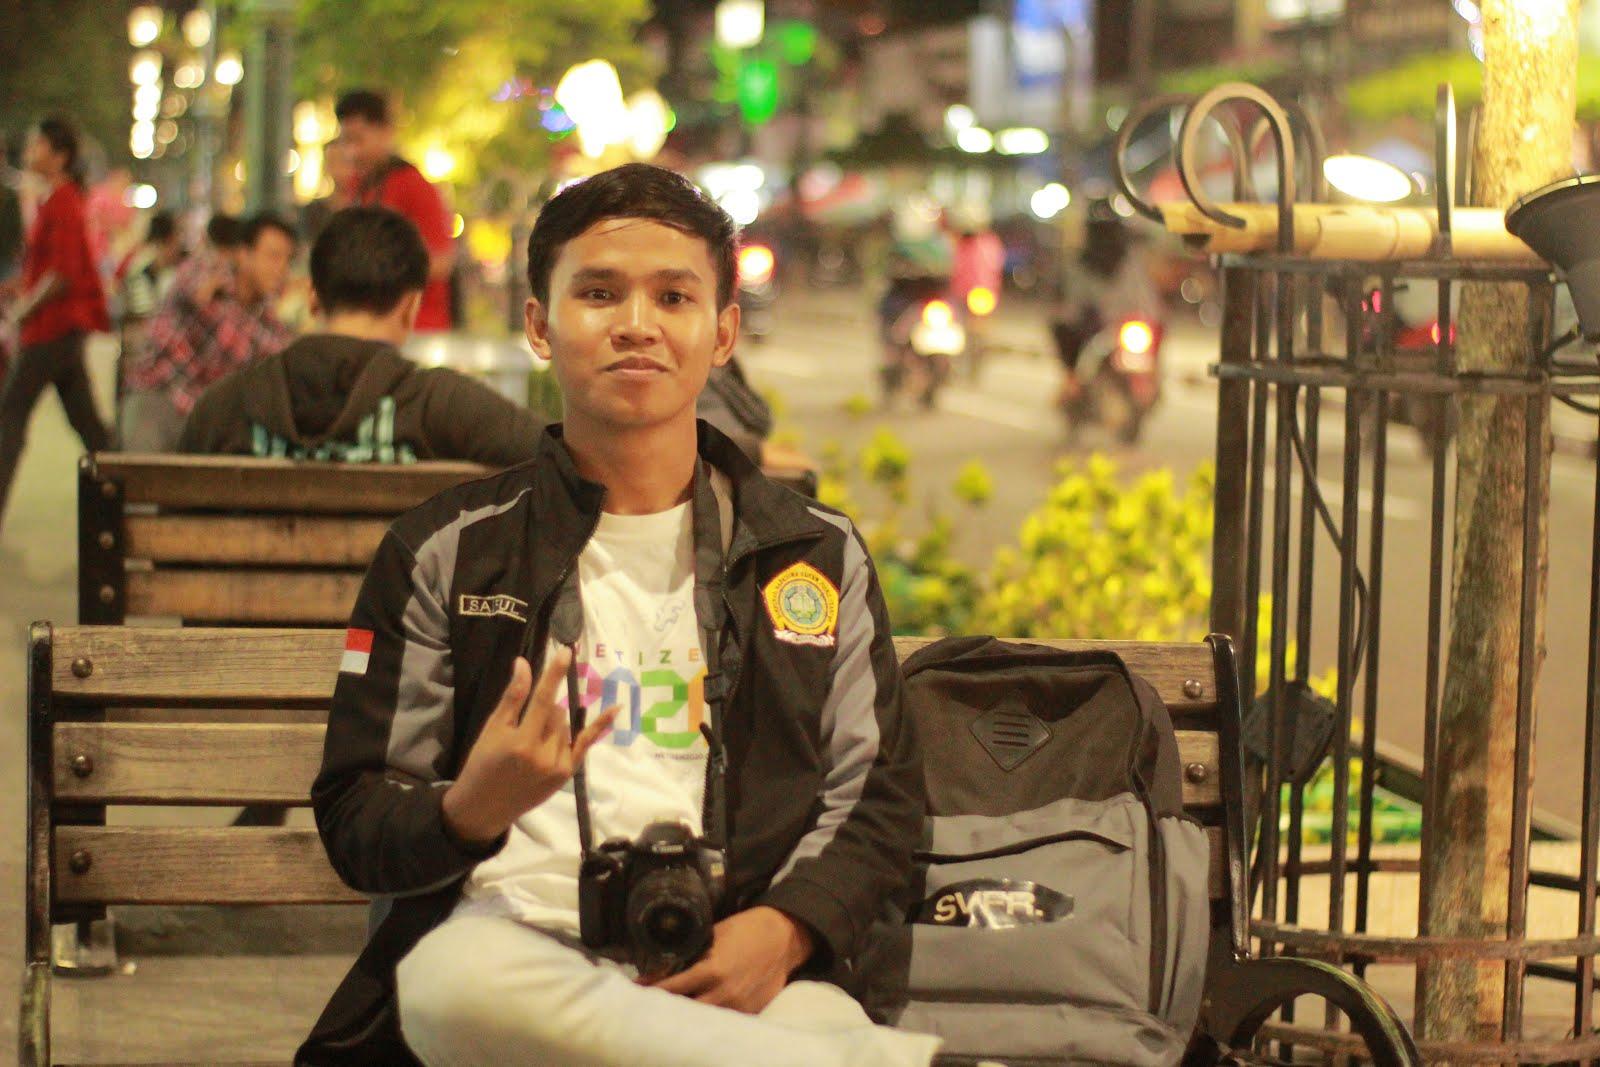 WAWAN JR